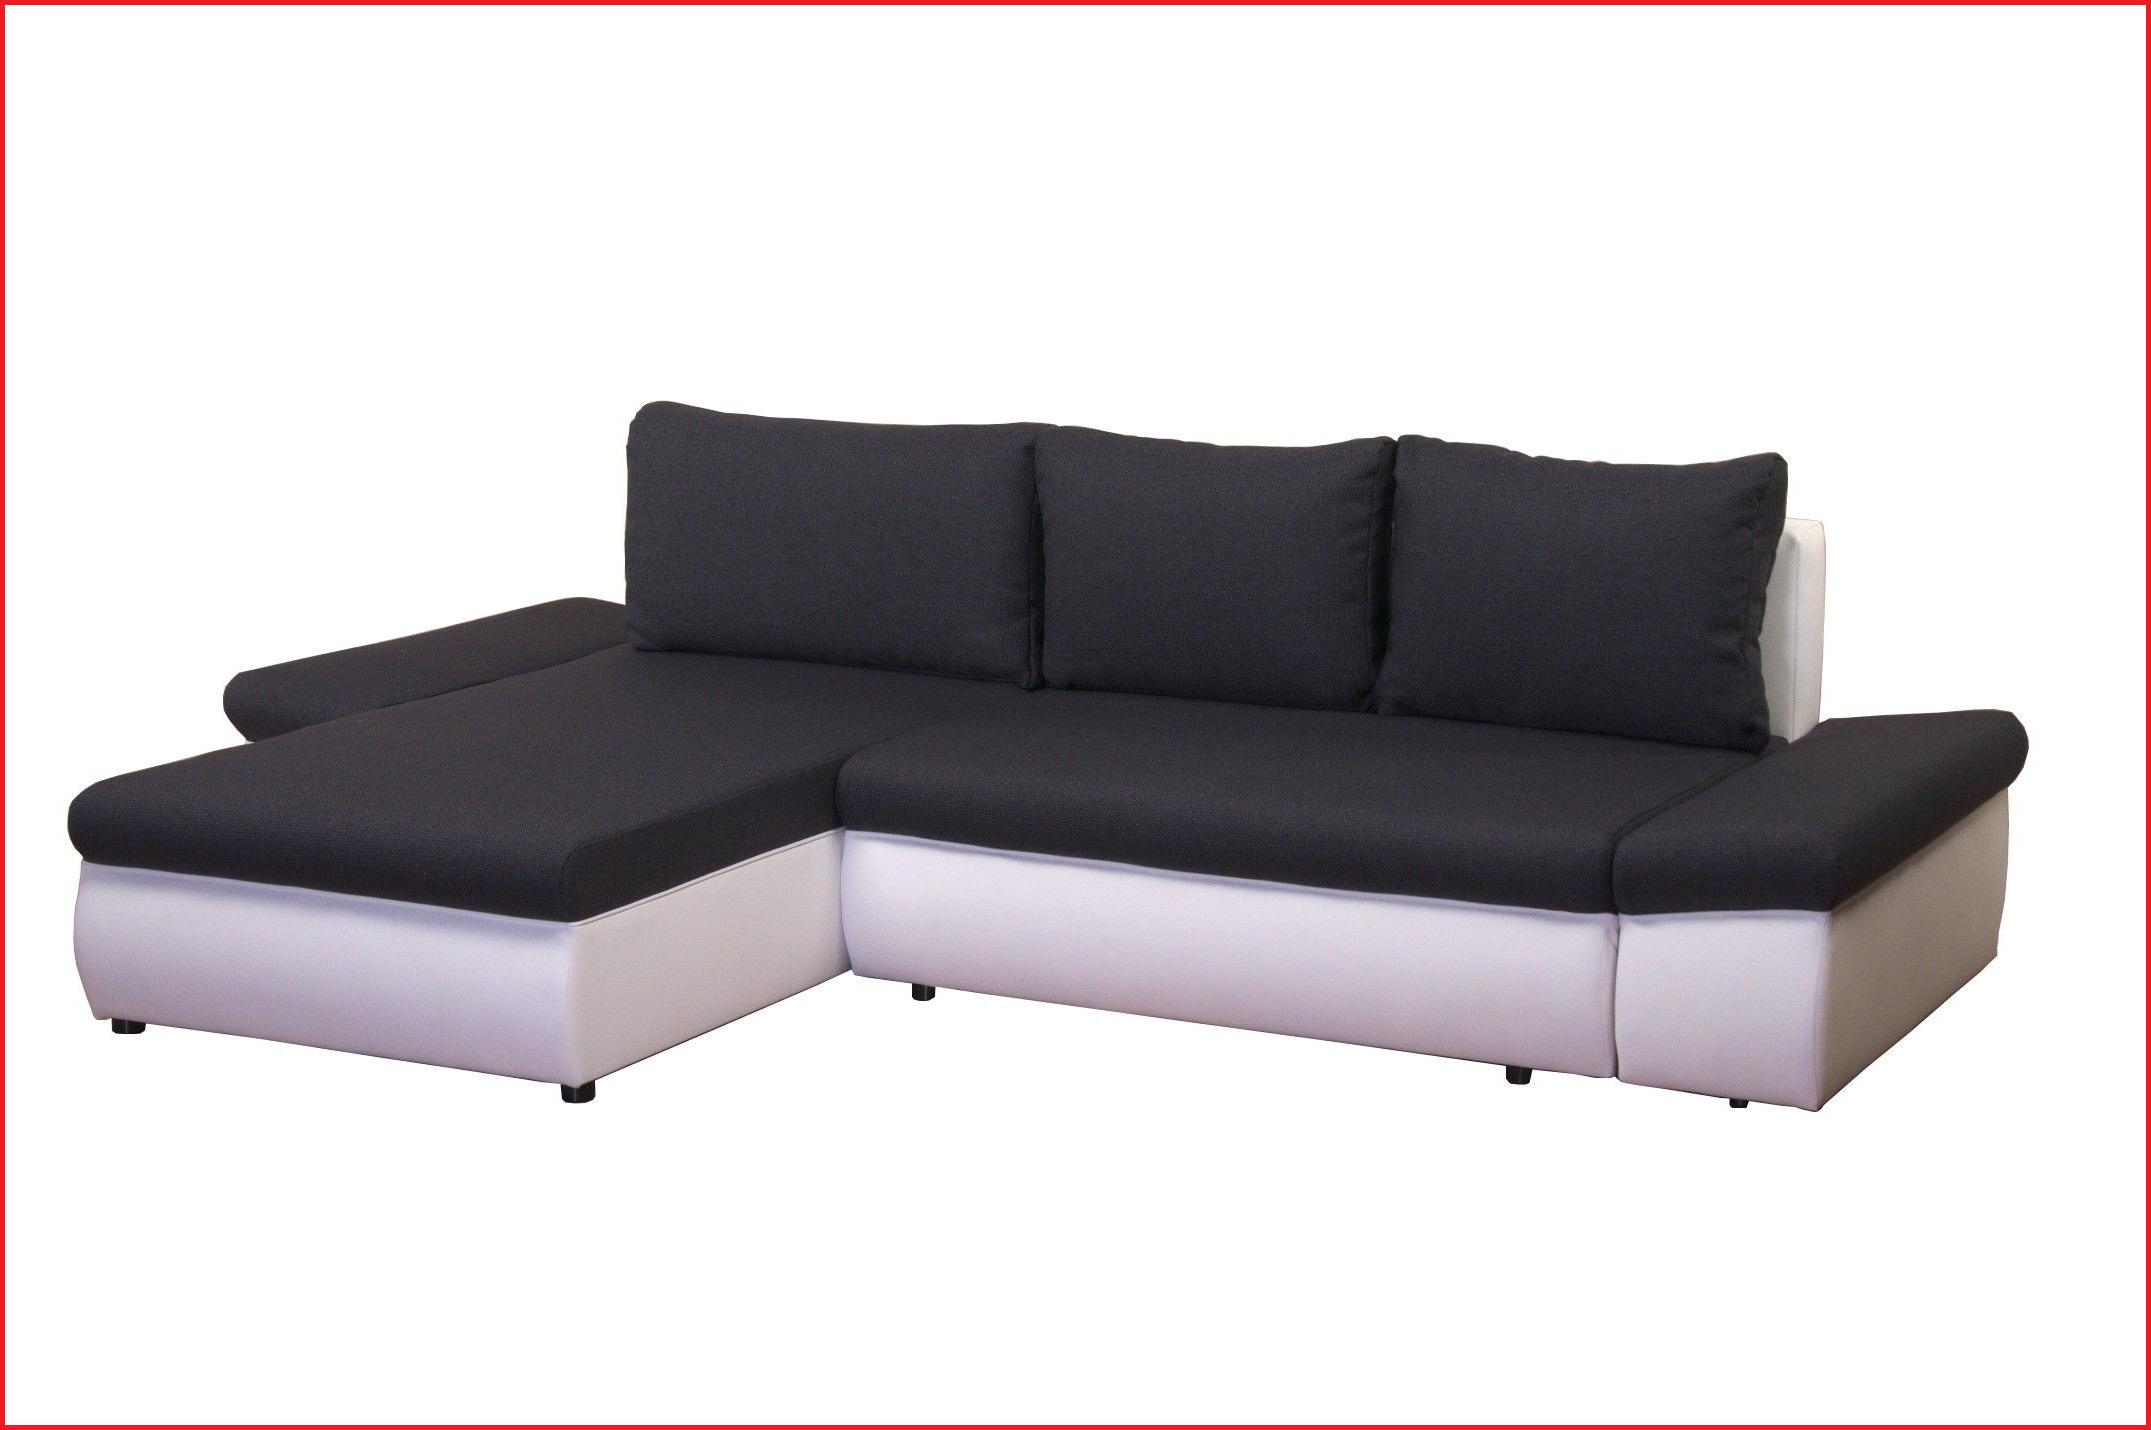 Conforama sofas Cheslong 87dx sofa Cama Cheslong Chaise Longue Con Cama Highway En Conforama